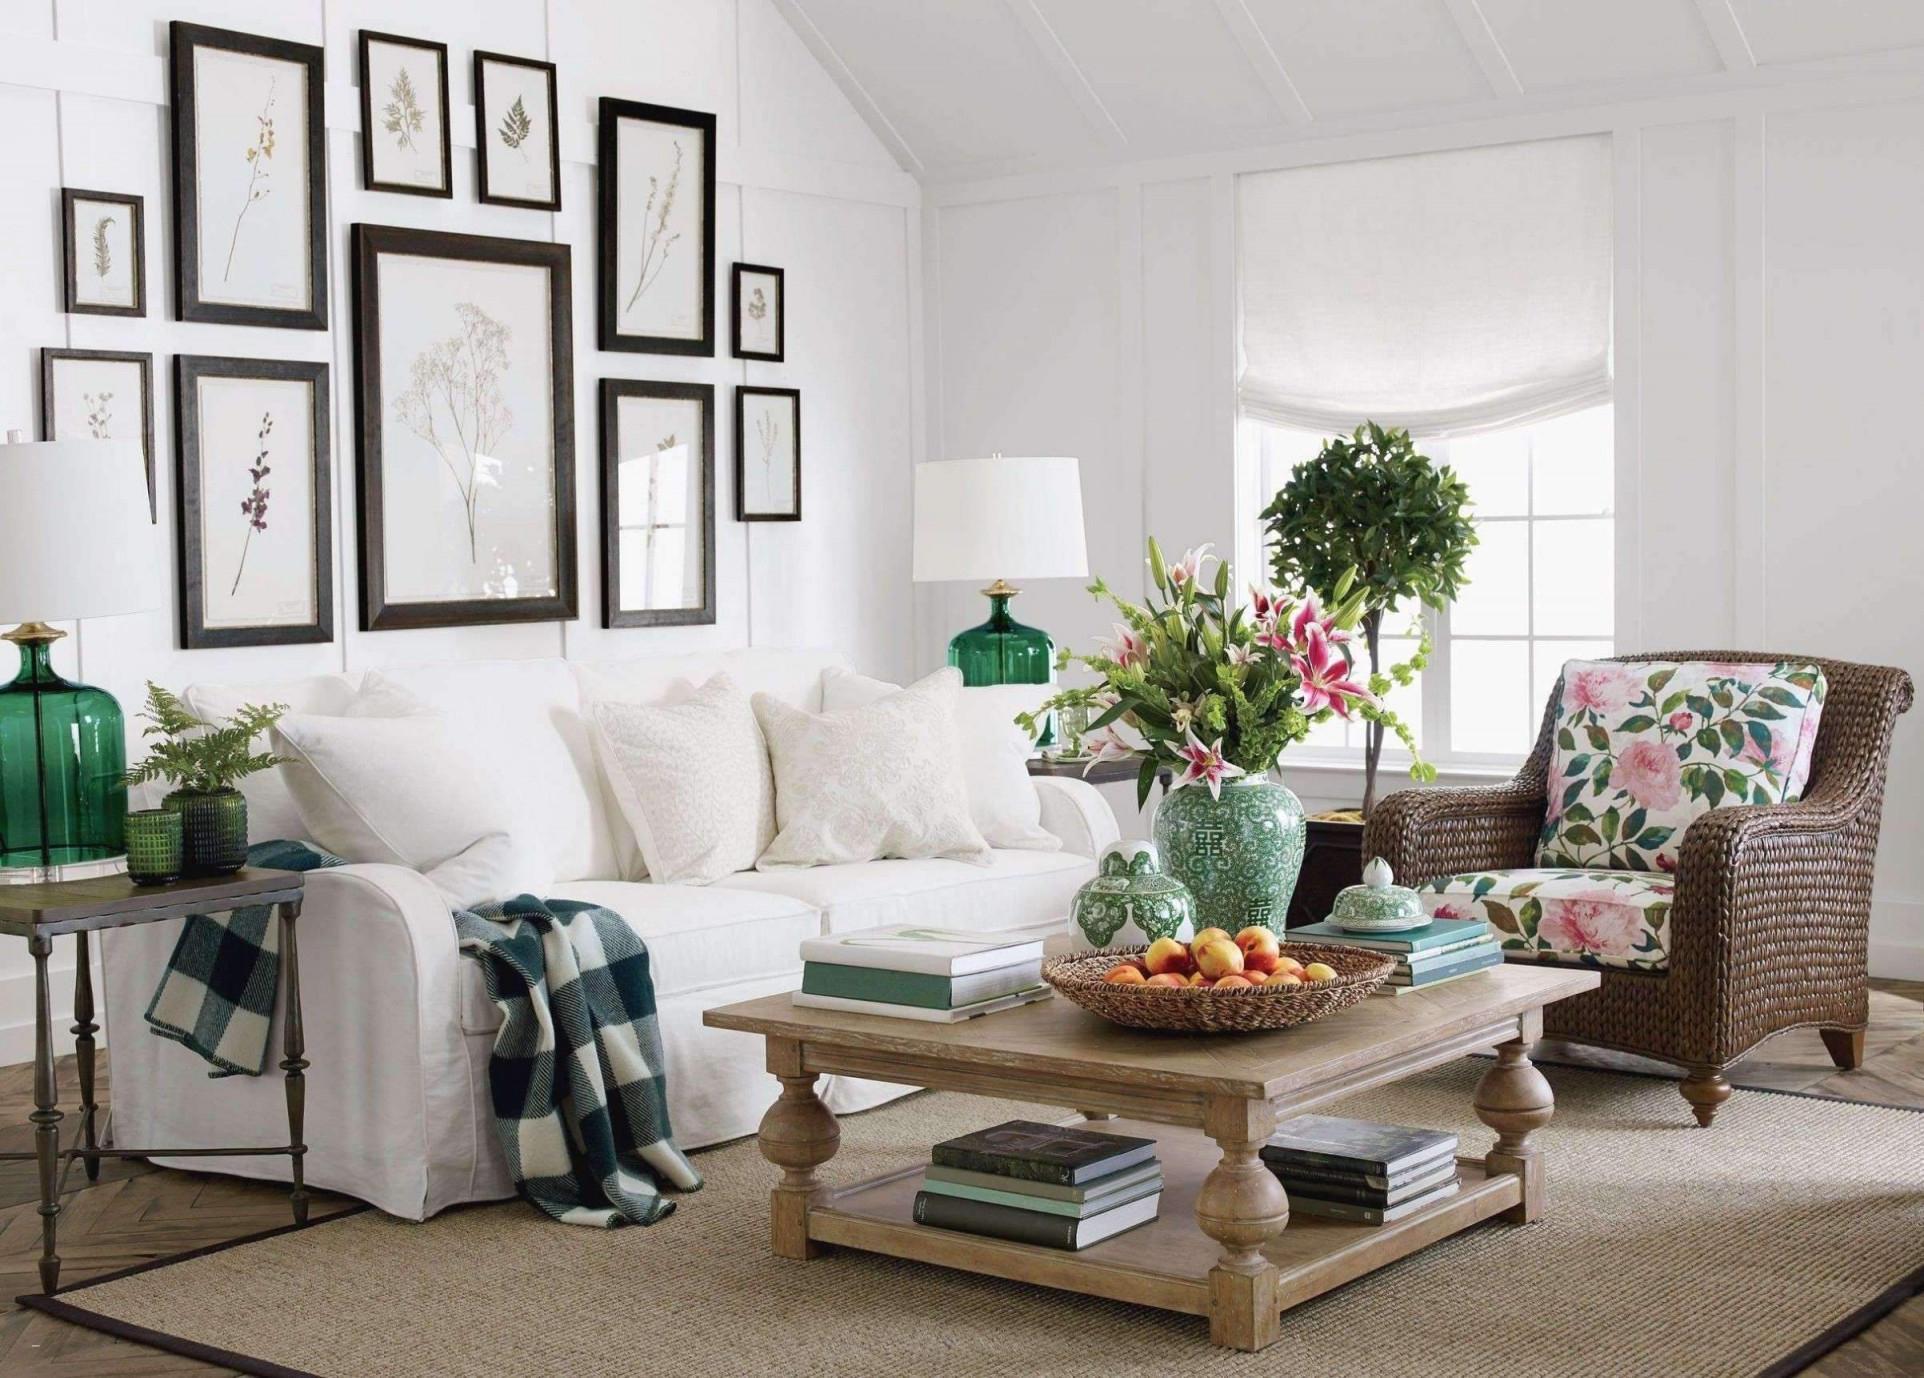 Wohnideen Wohnzimmer Schön Wohnzimmer Tapezieren Ideen von Wohnideen Wohnzimmer Tapeten Bild